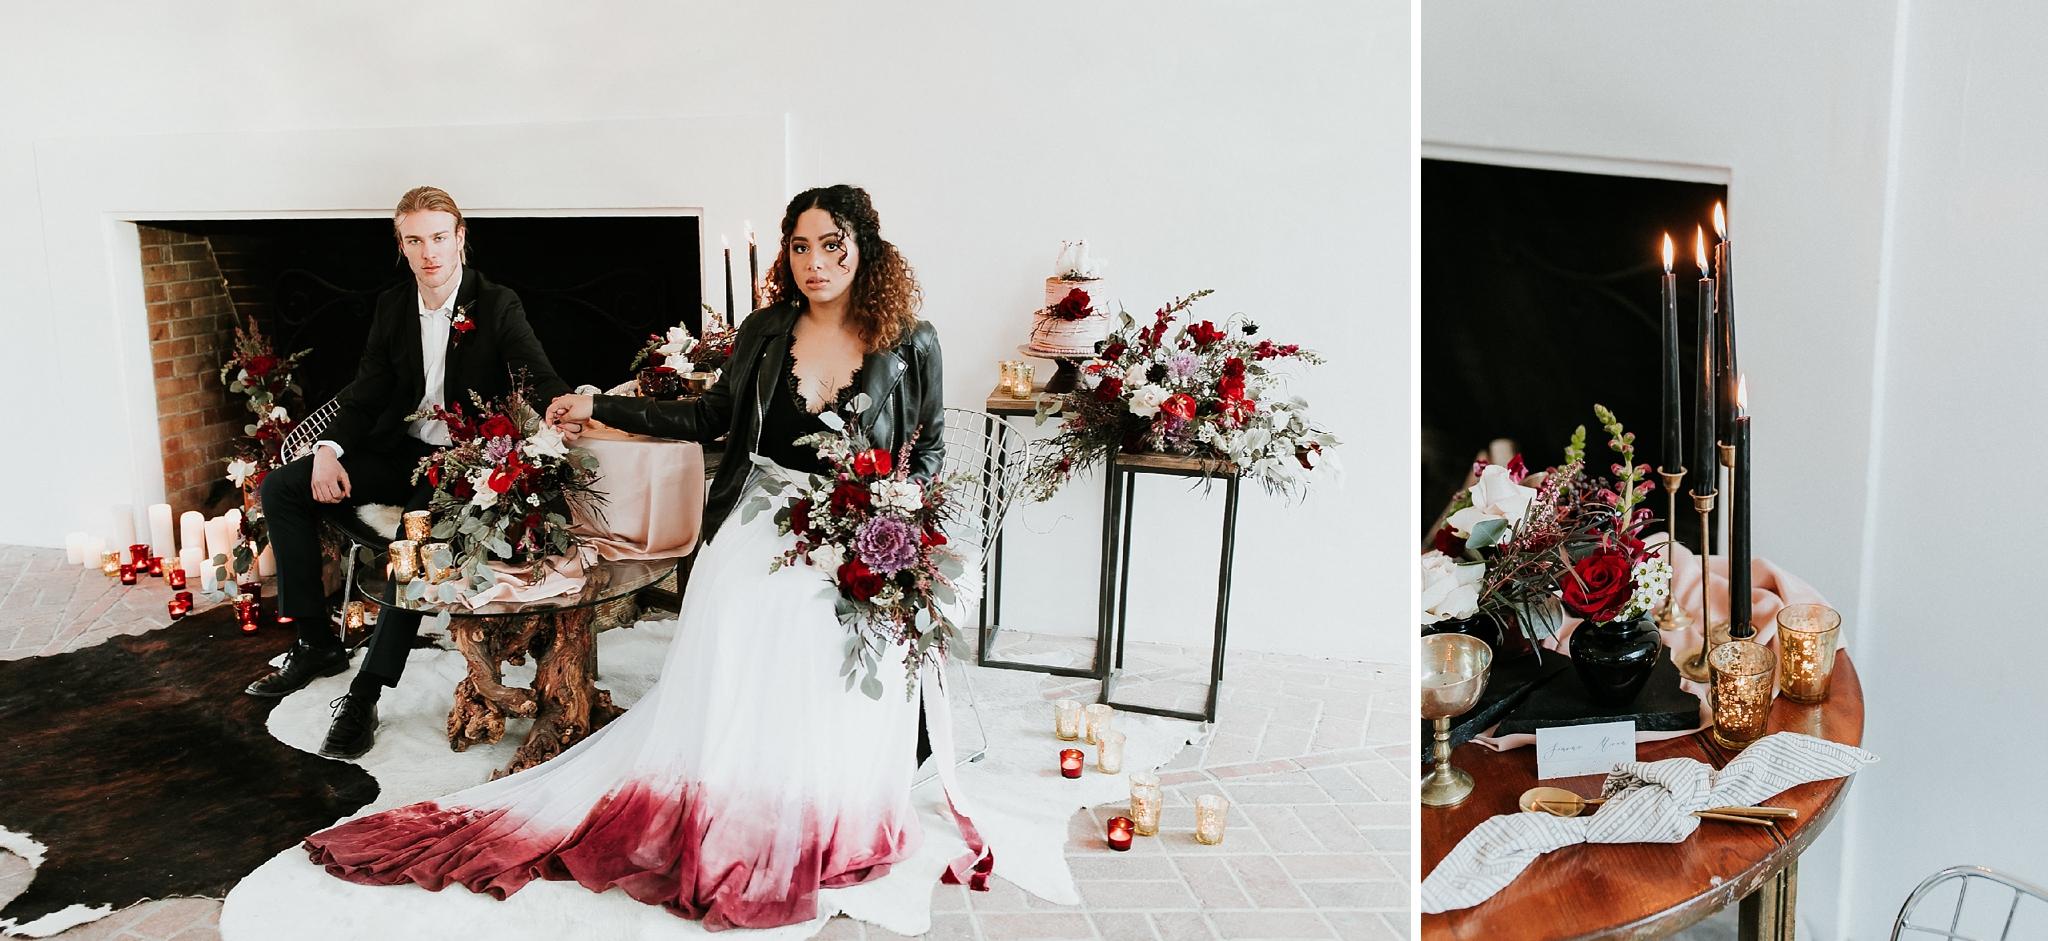 Alicia+lucia+photography+-+albuquerque+wedding+photographer+-+santa+fe+wedding+photography+-+new+mexico+wedding+photographer+-+new+mexico+wedding+-+new+mexico+wedding+-+wedding+planner+-+wedding+rentals+-+new+mexico+wedding+vendor_0033.jpg